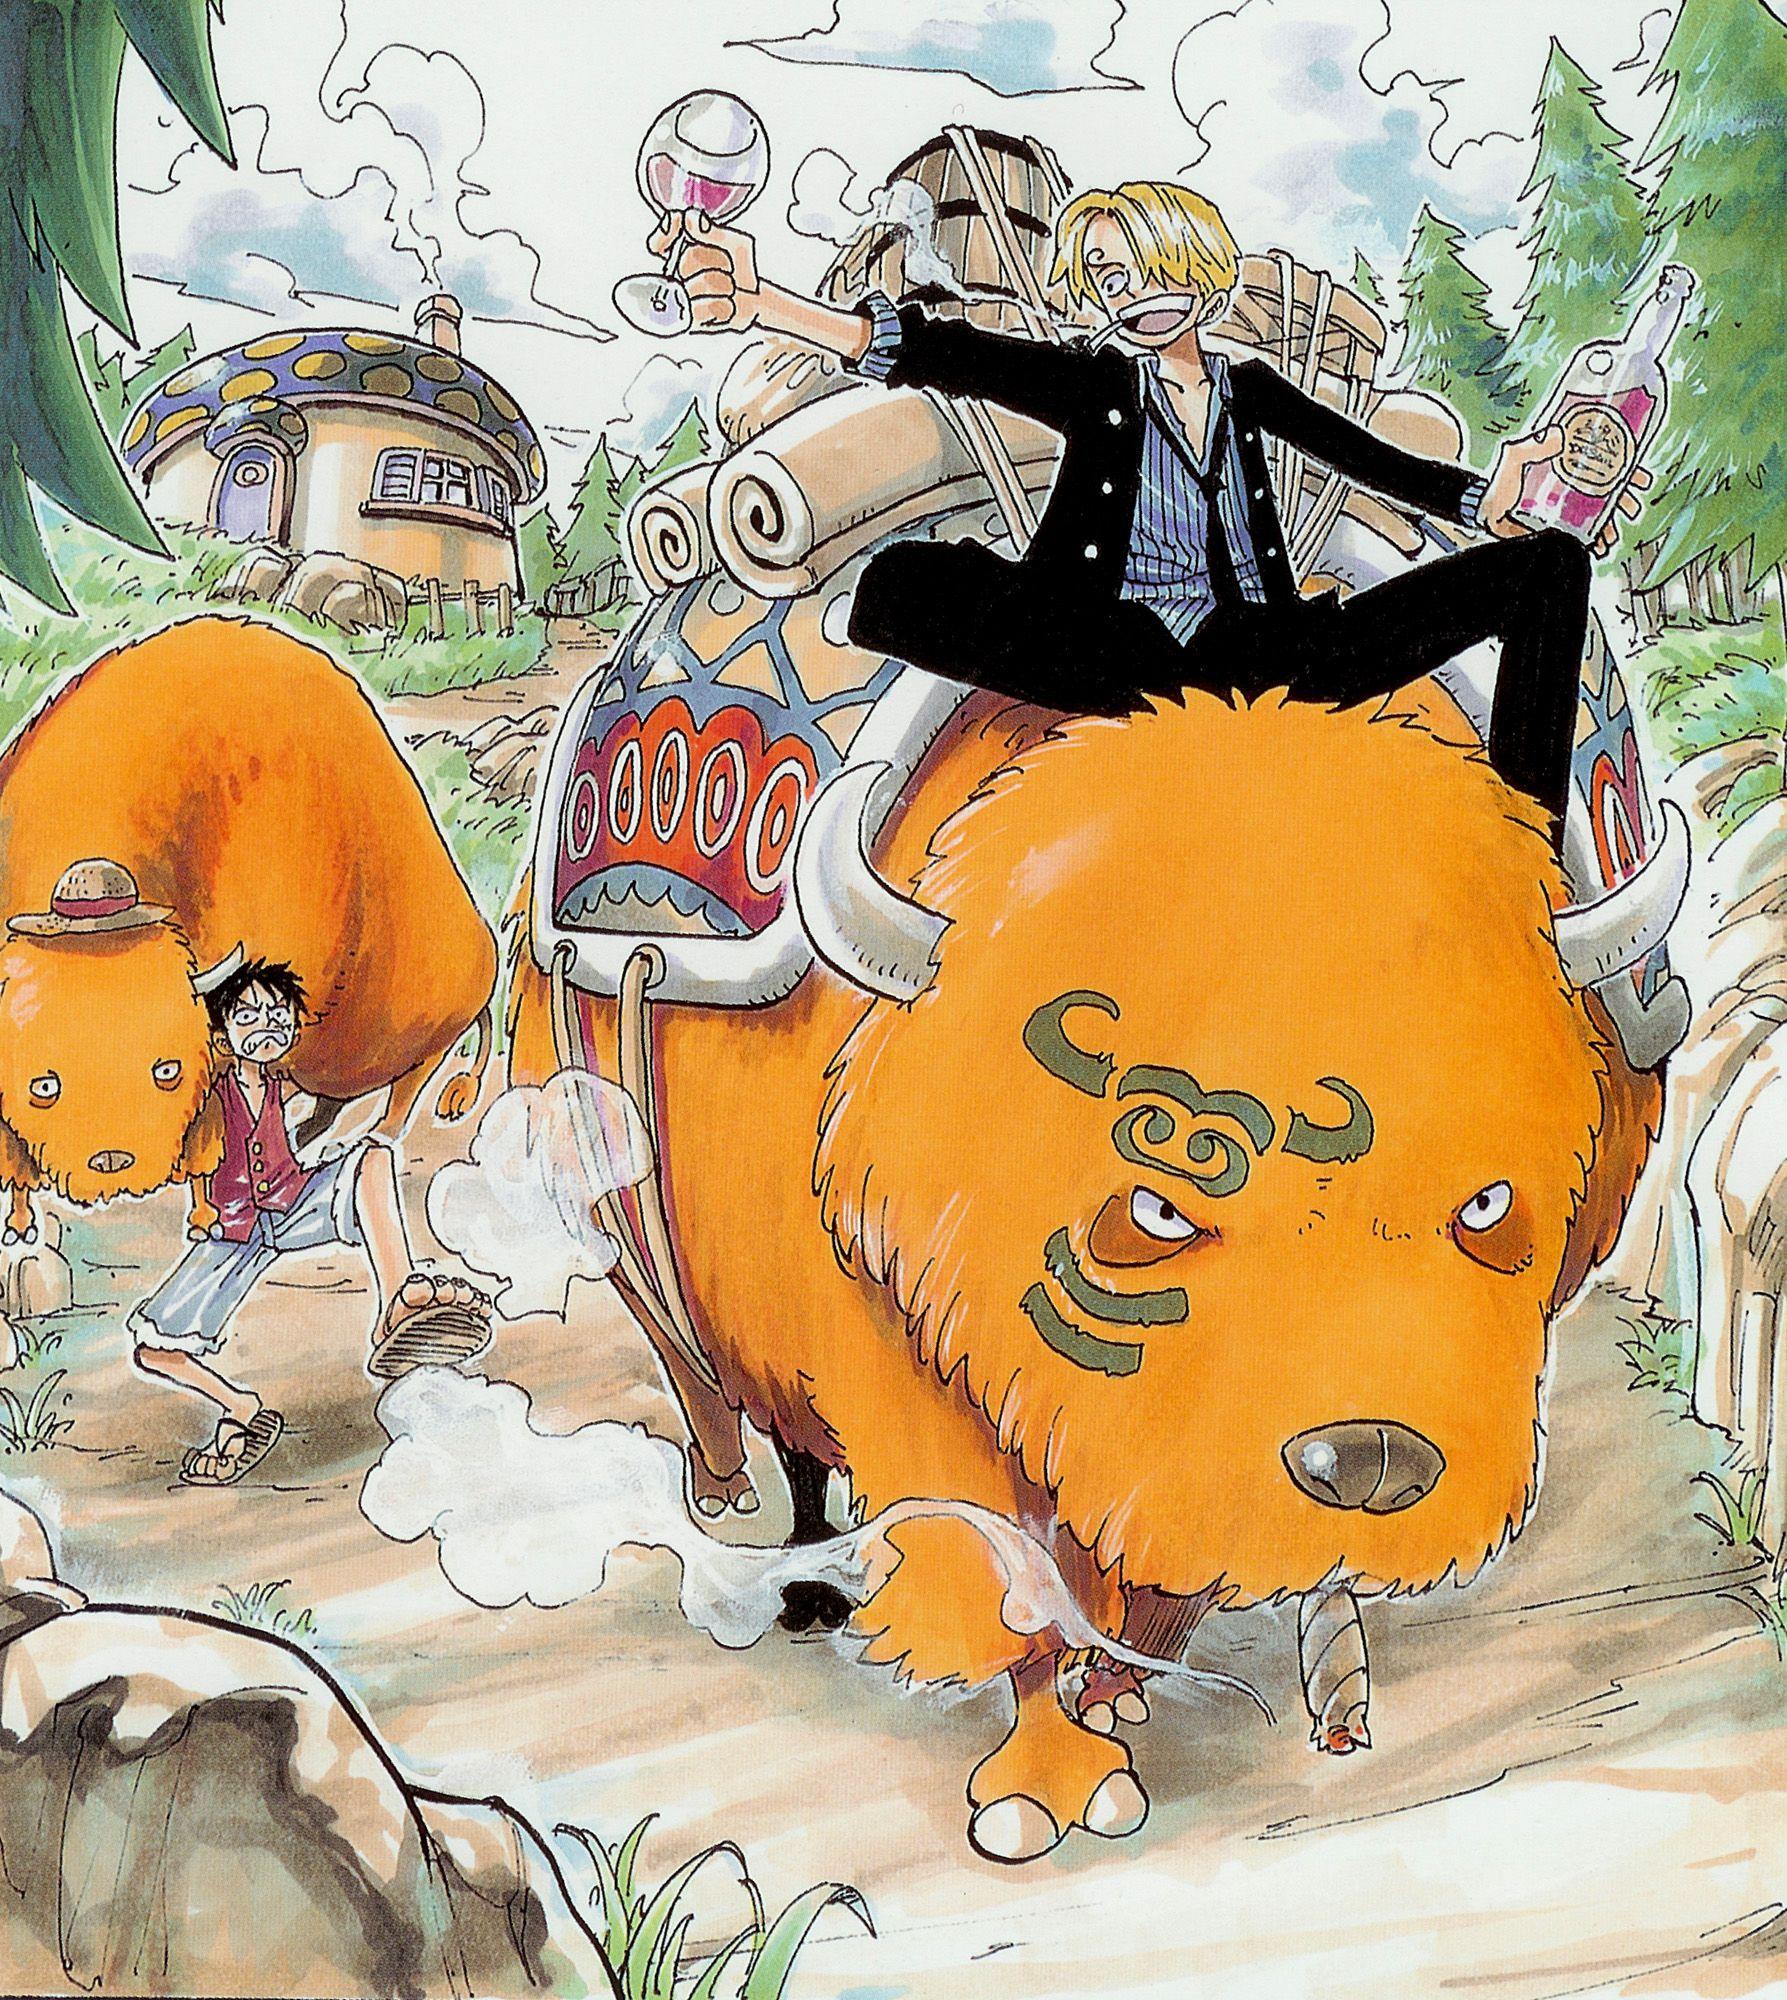 One Piece Art: One Piece Artbook Illustration By Eiichiro Oda